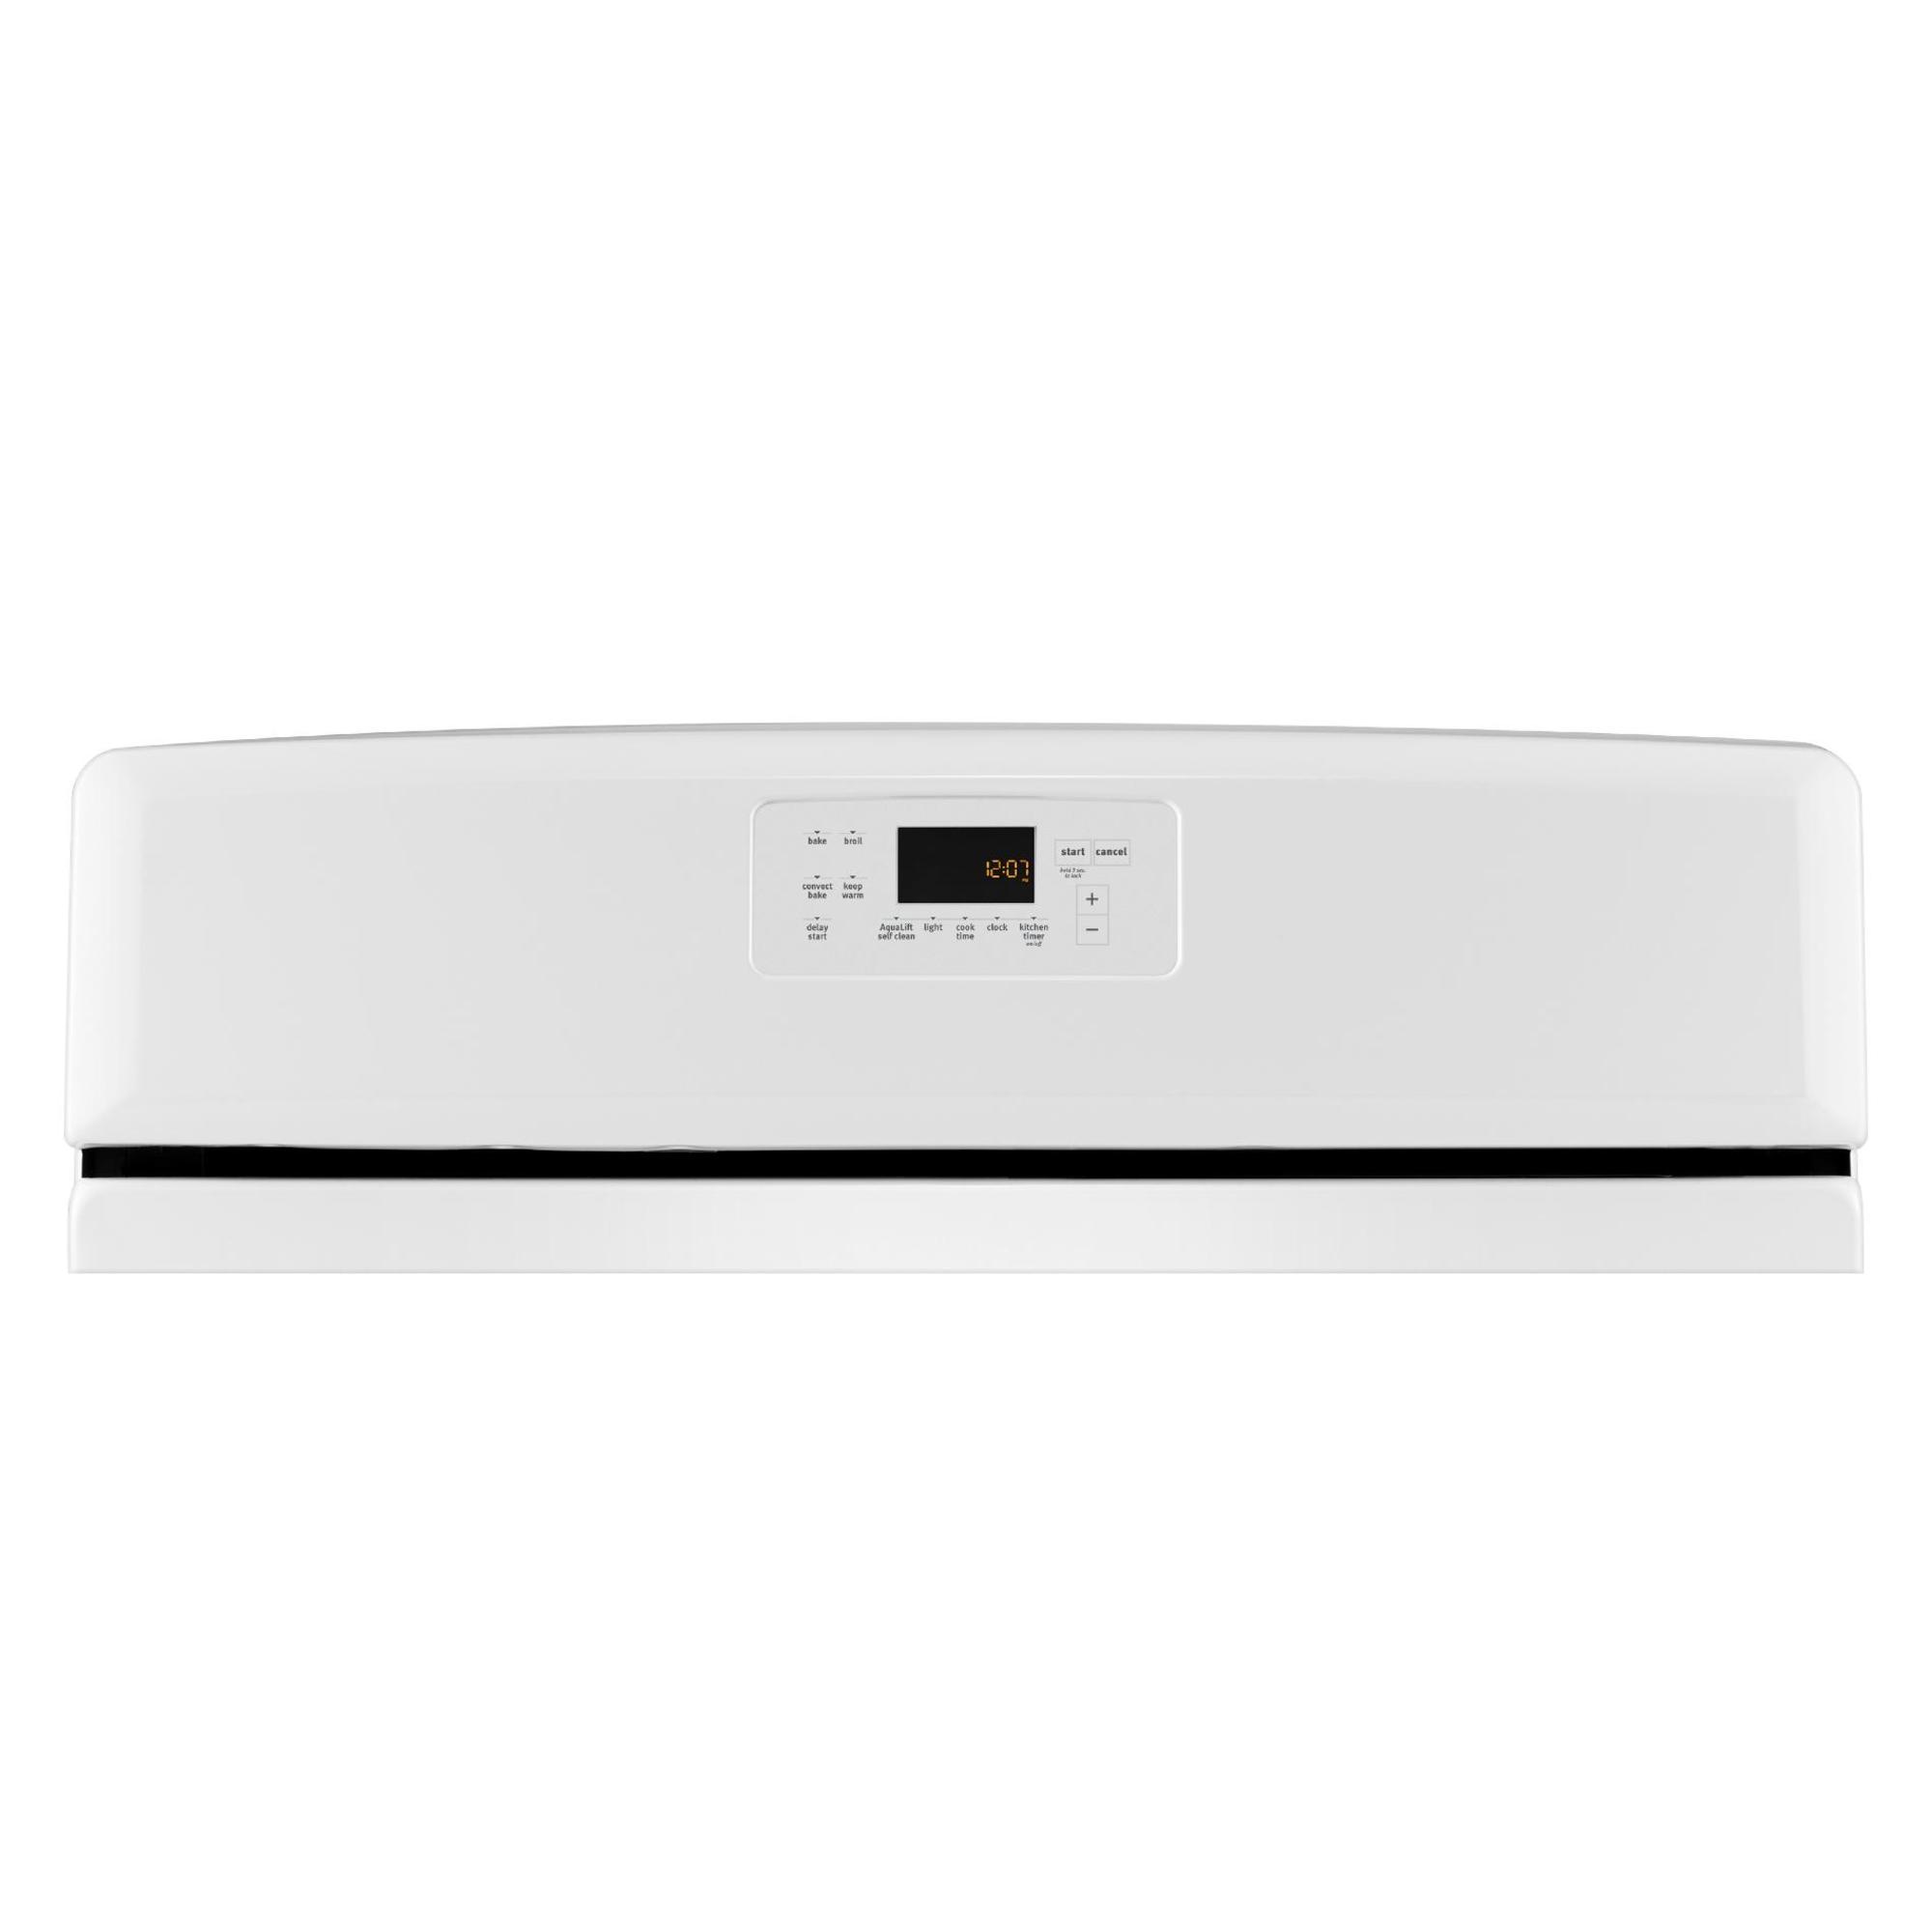 Maytag MGR8700DW 5.8 cu. ft. Gas Range w/ 5th Element - White